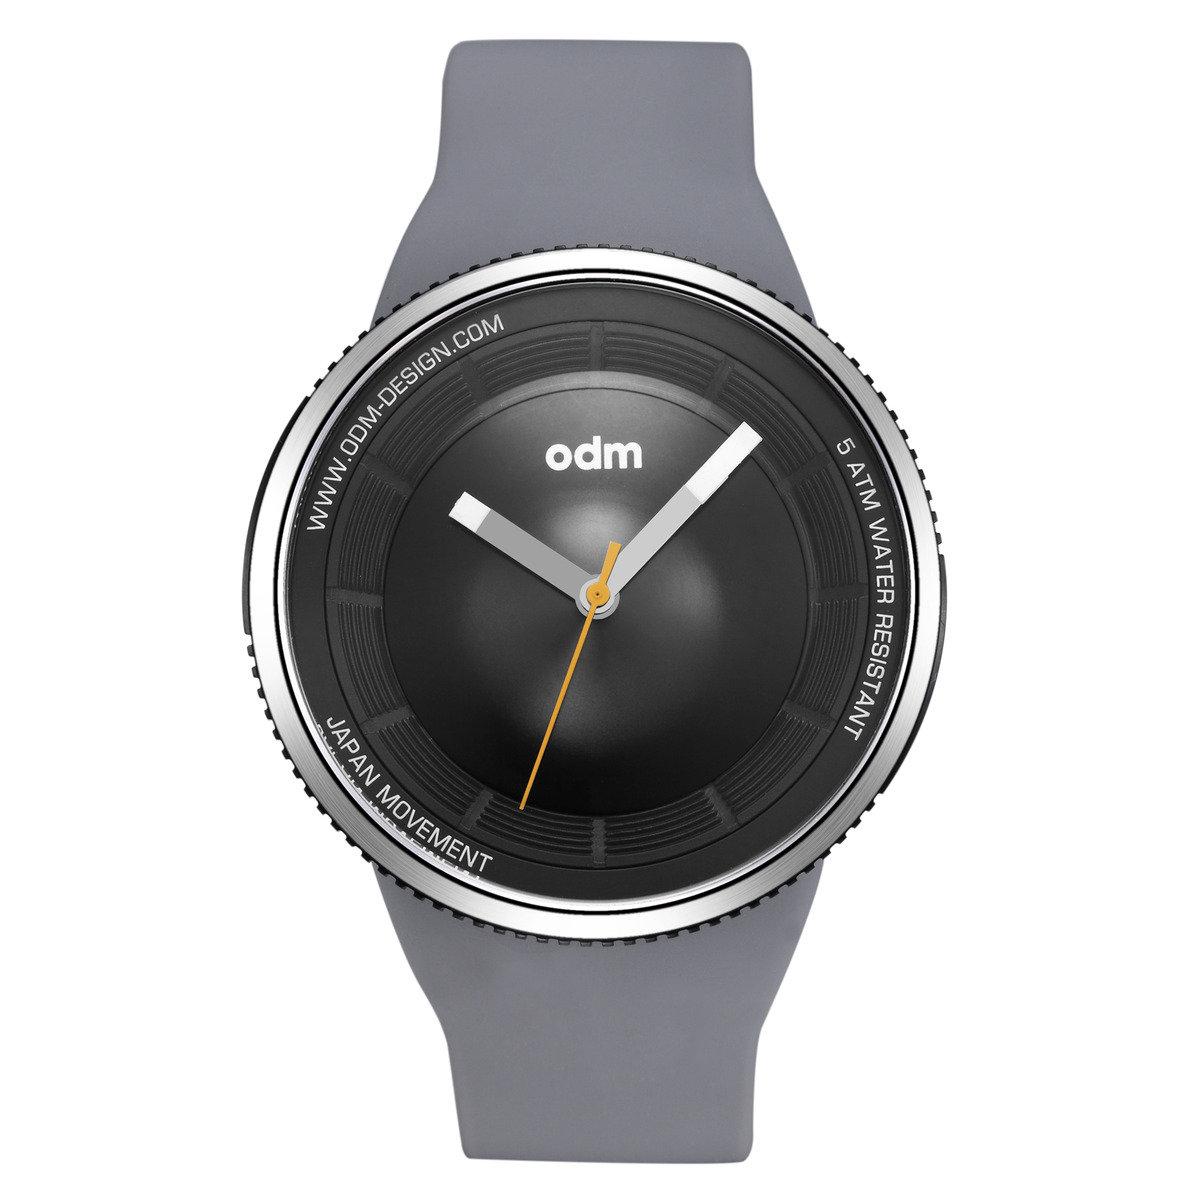 DD160 Watch